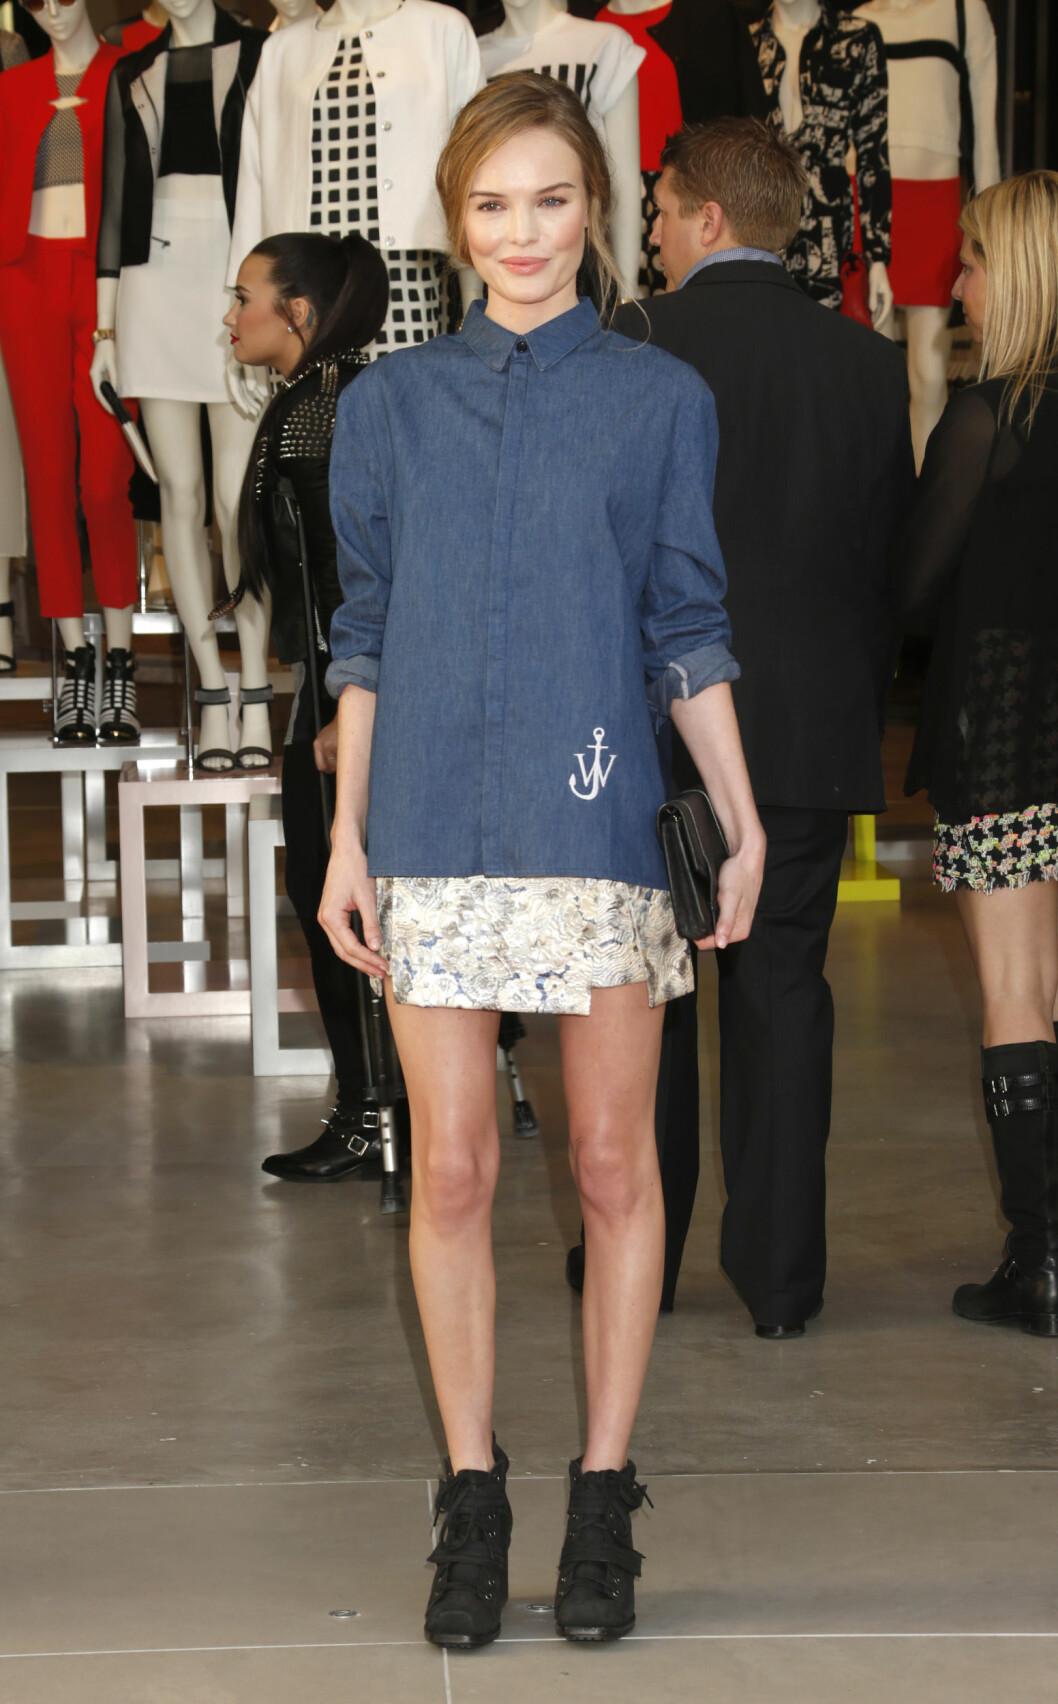 Skuespiller og modell Kate Bosworth brukte en igjenkneppet skjorte over den korte sommerkjolen.  Foto: Scanpix